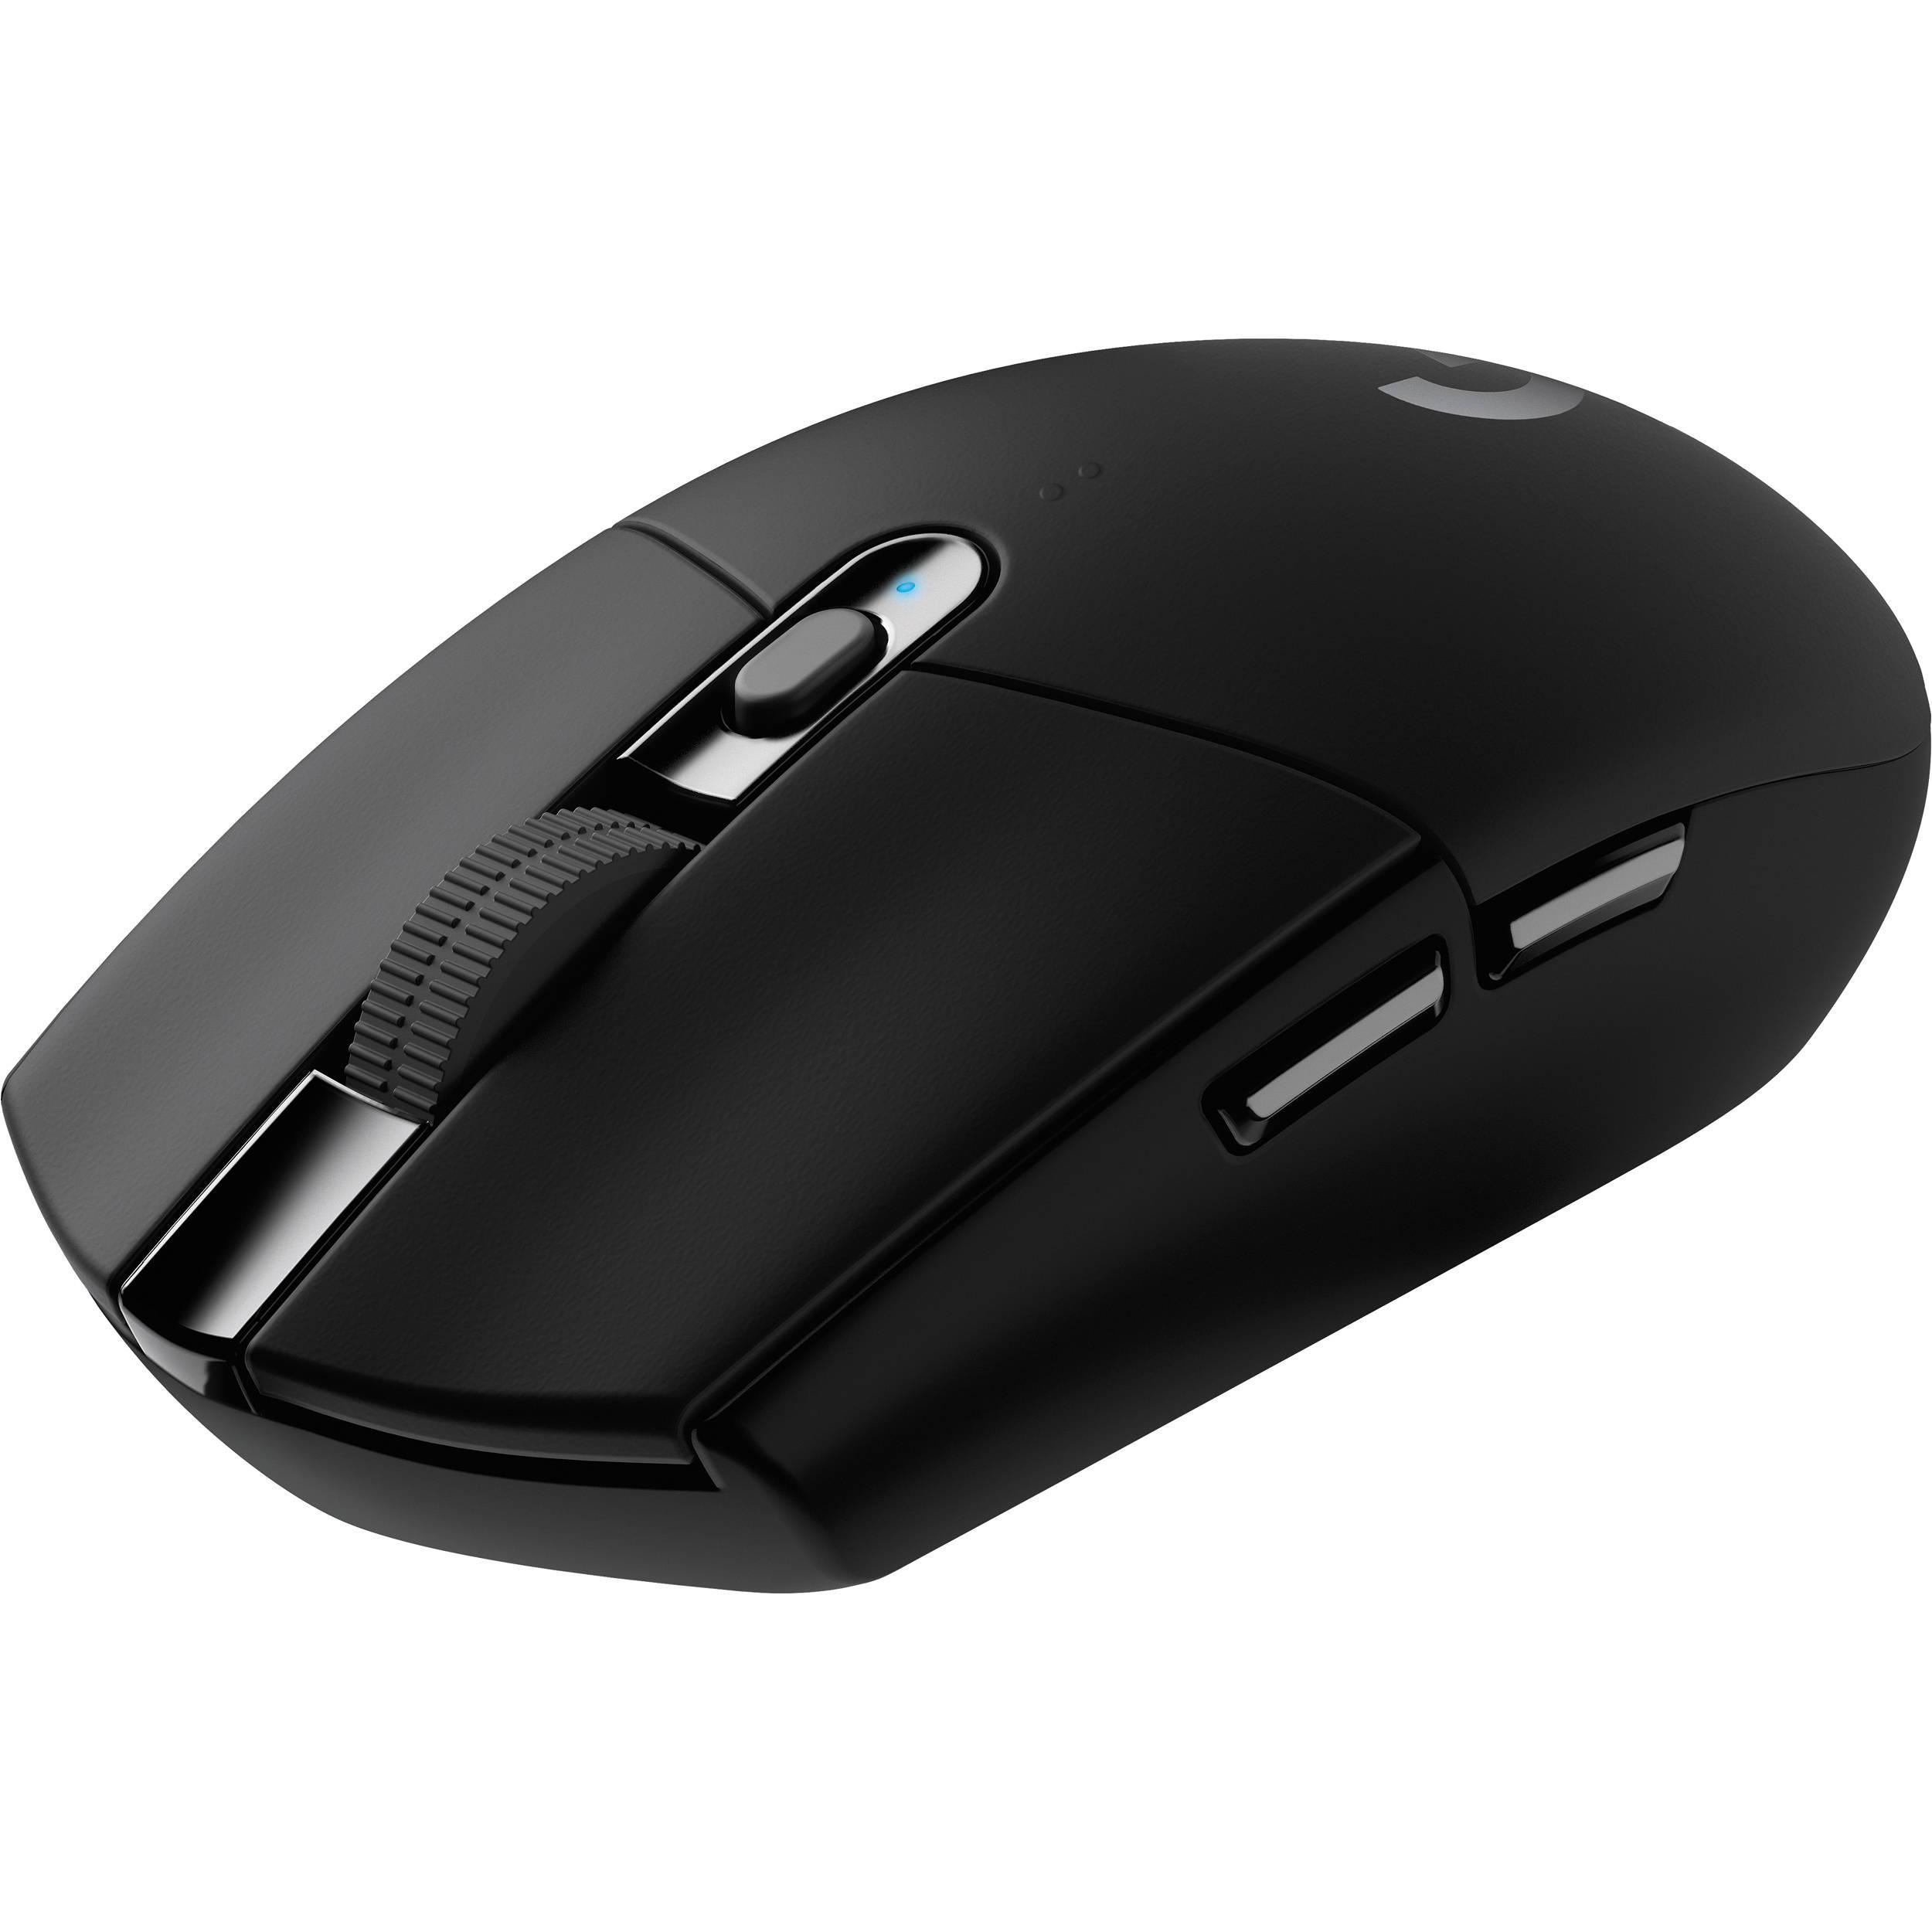 Logitech G305 Lightspeed Mouse Wireless